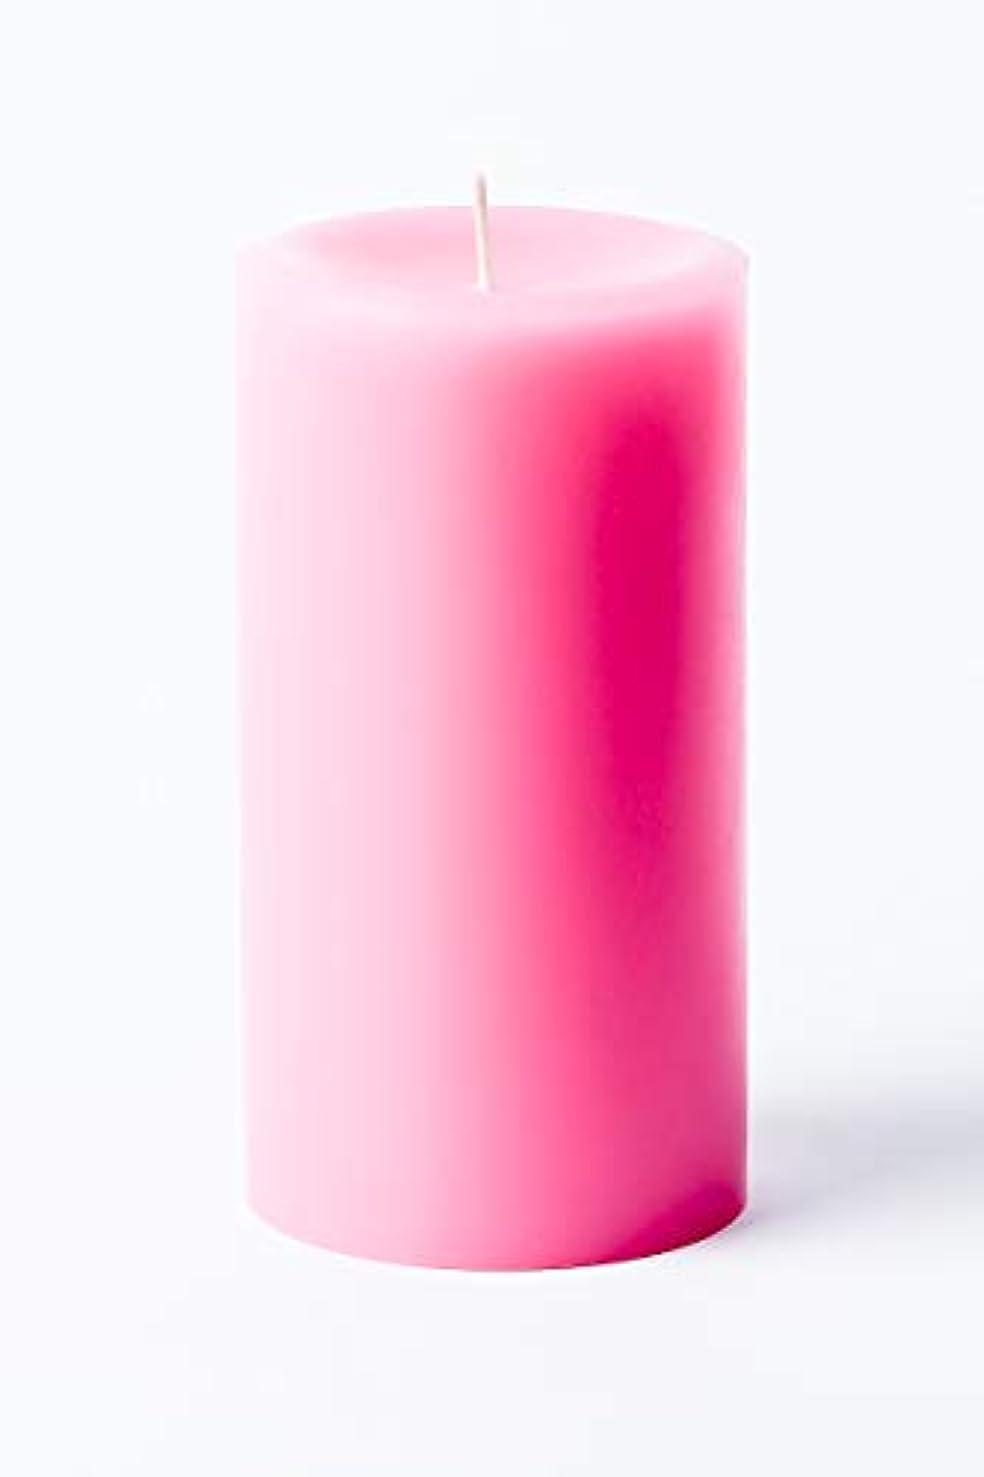 青写真解き明かす騒乱(Pink) - 7.6cm x 15cm Hand Poured Solid Colour Unscented Pillar Candles Set of 3 - Made in USA (Pink)